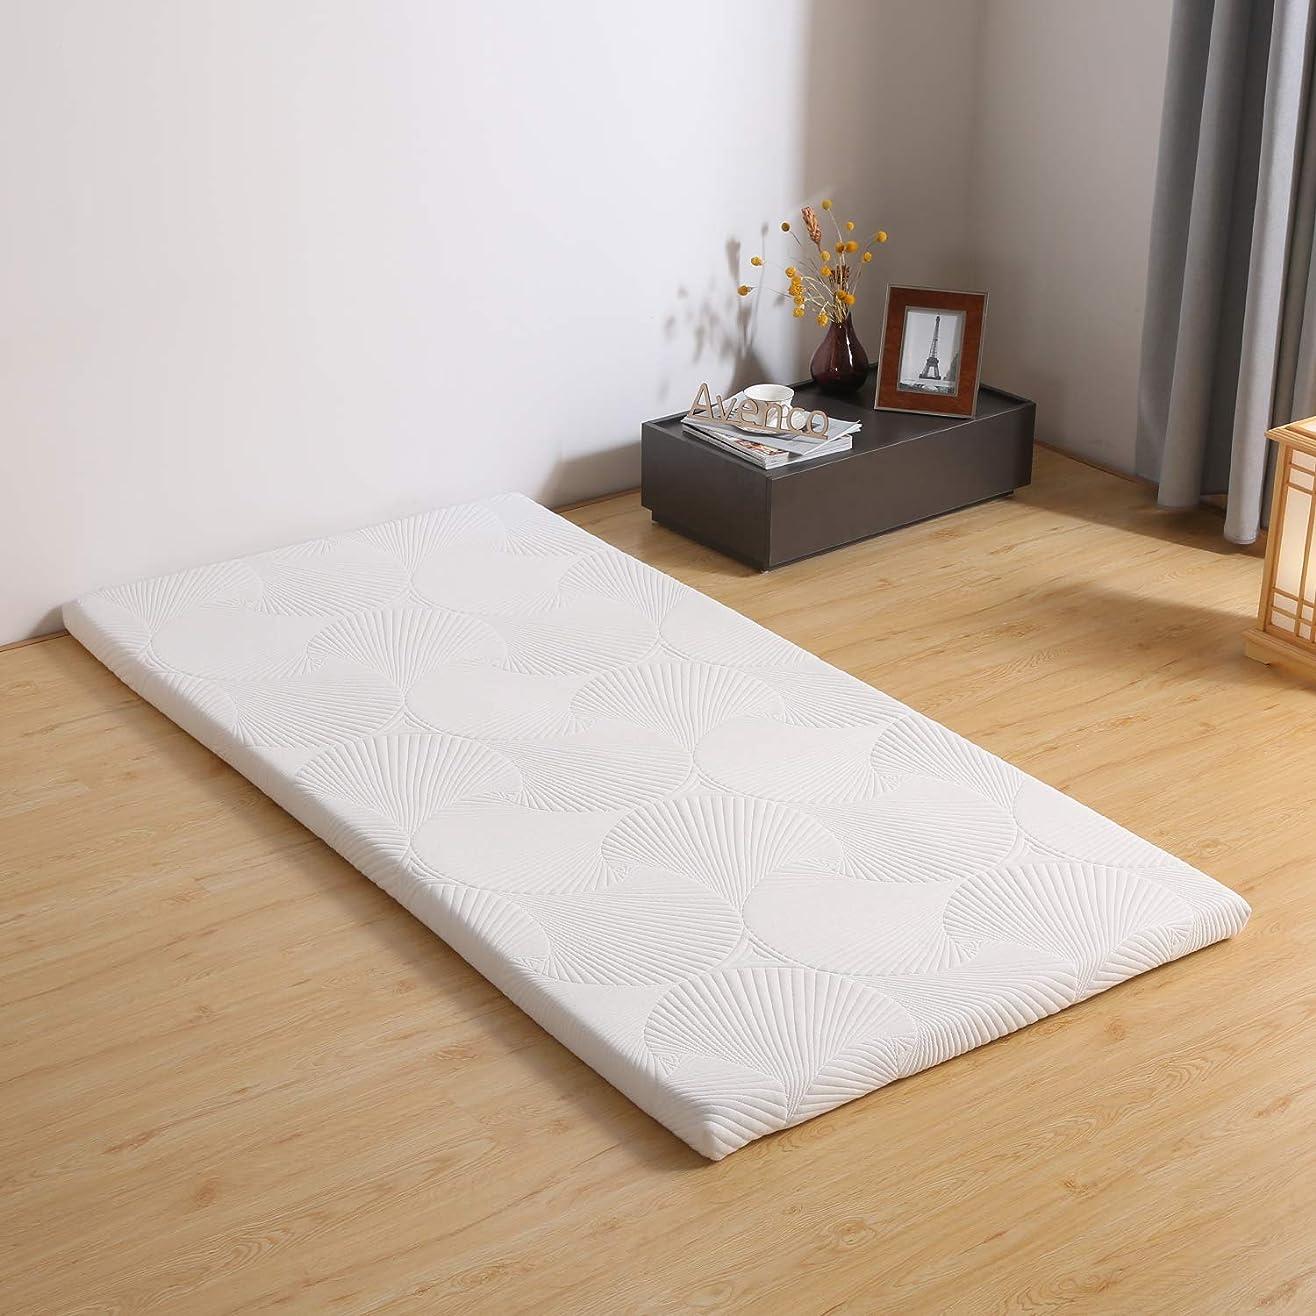 ブロック重くする発揮するAvenco マットレス 白 100x200x3cm 腰痛改善 カバー洗える 収納袋付き 1年メーカ保証 通気性 高反発マットレス